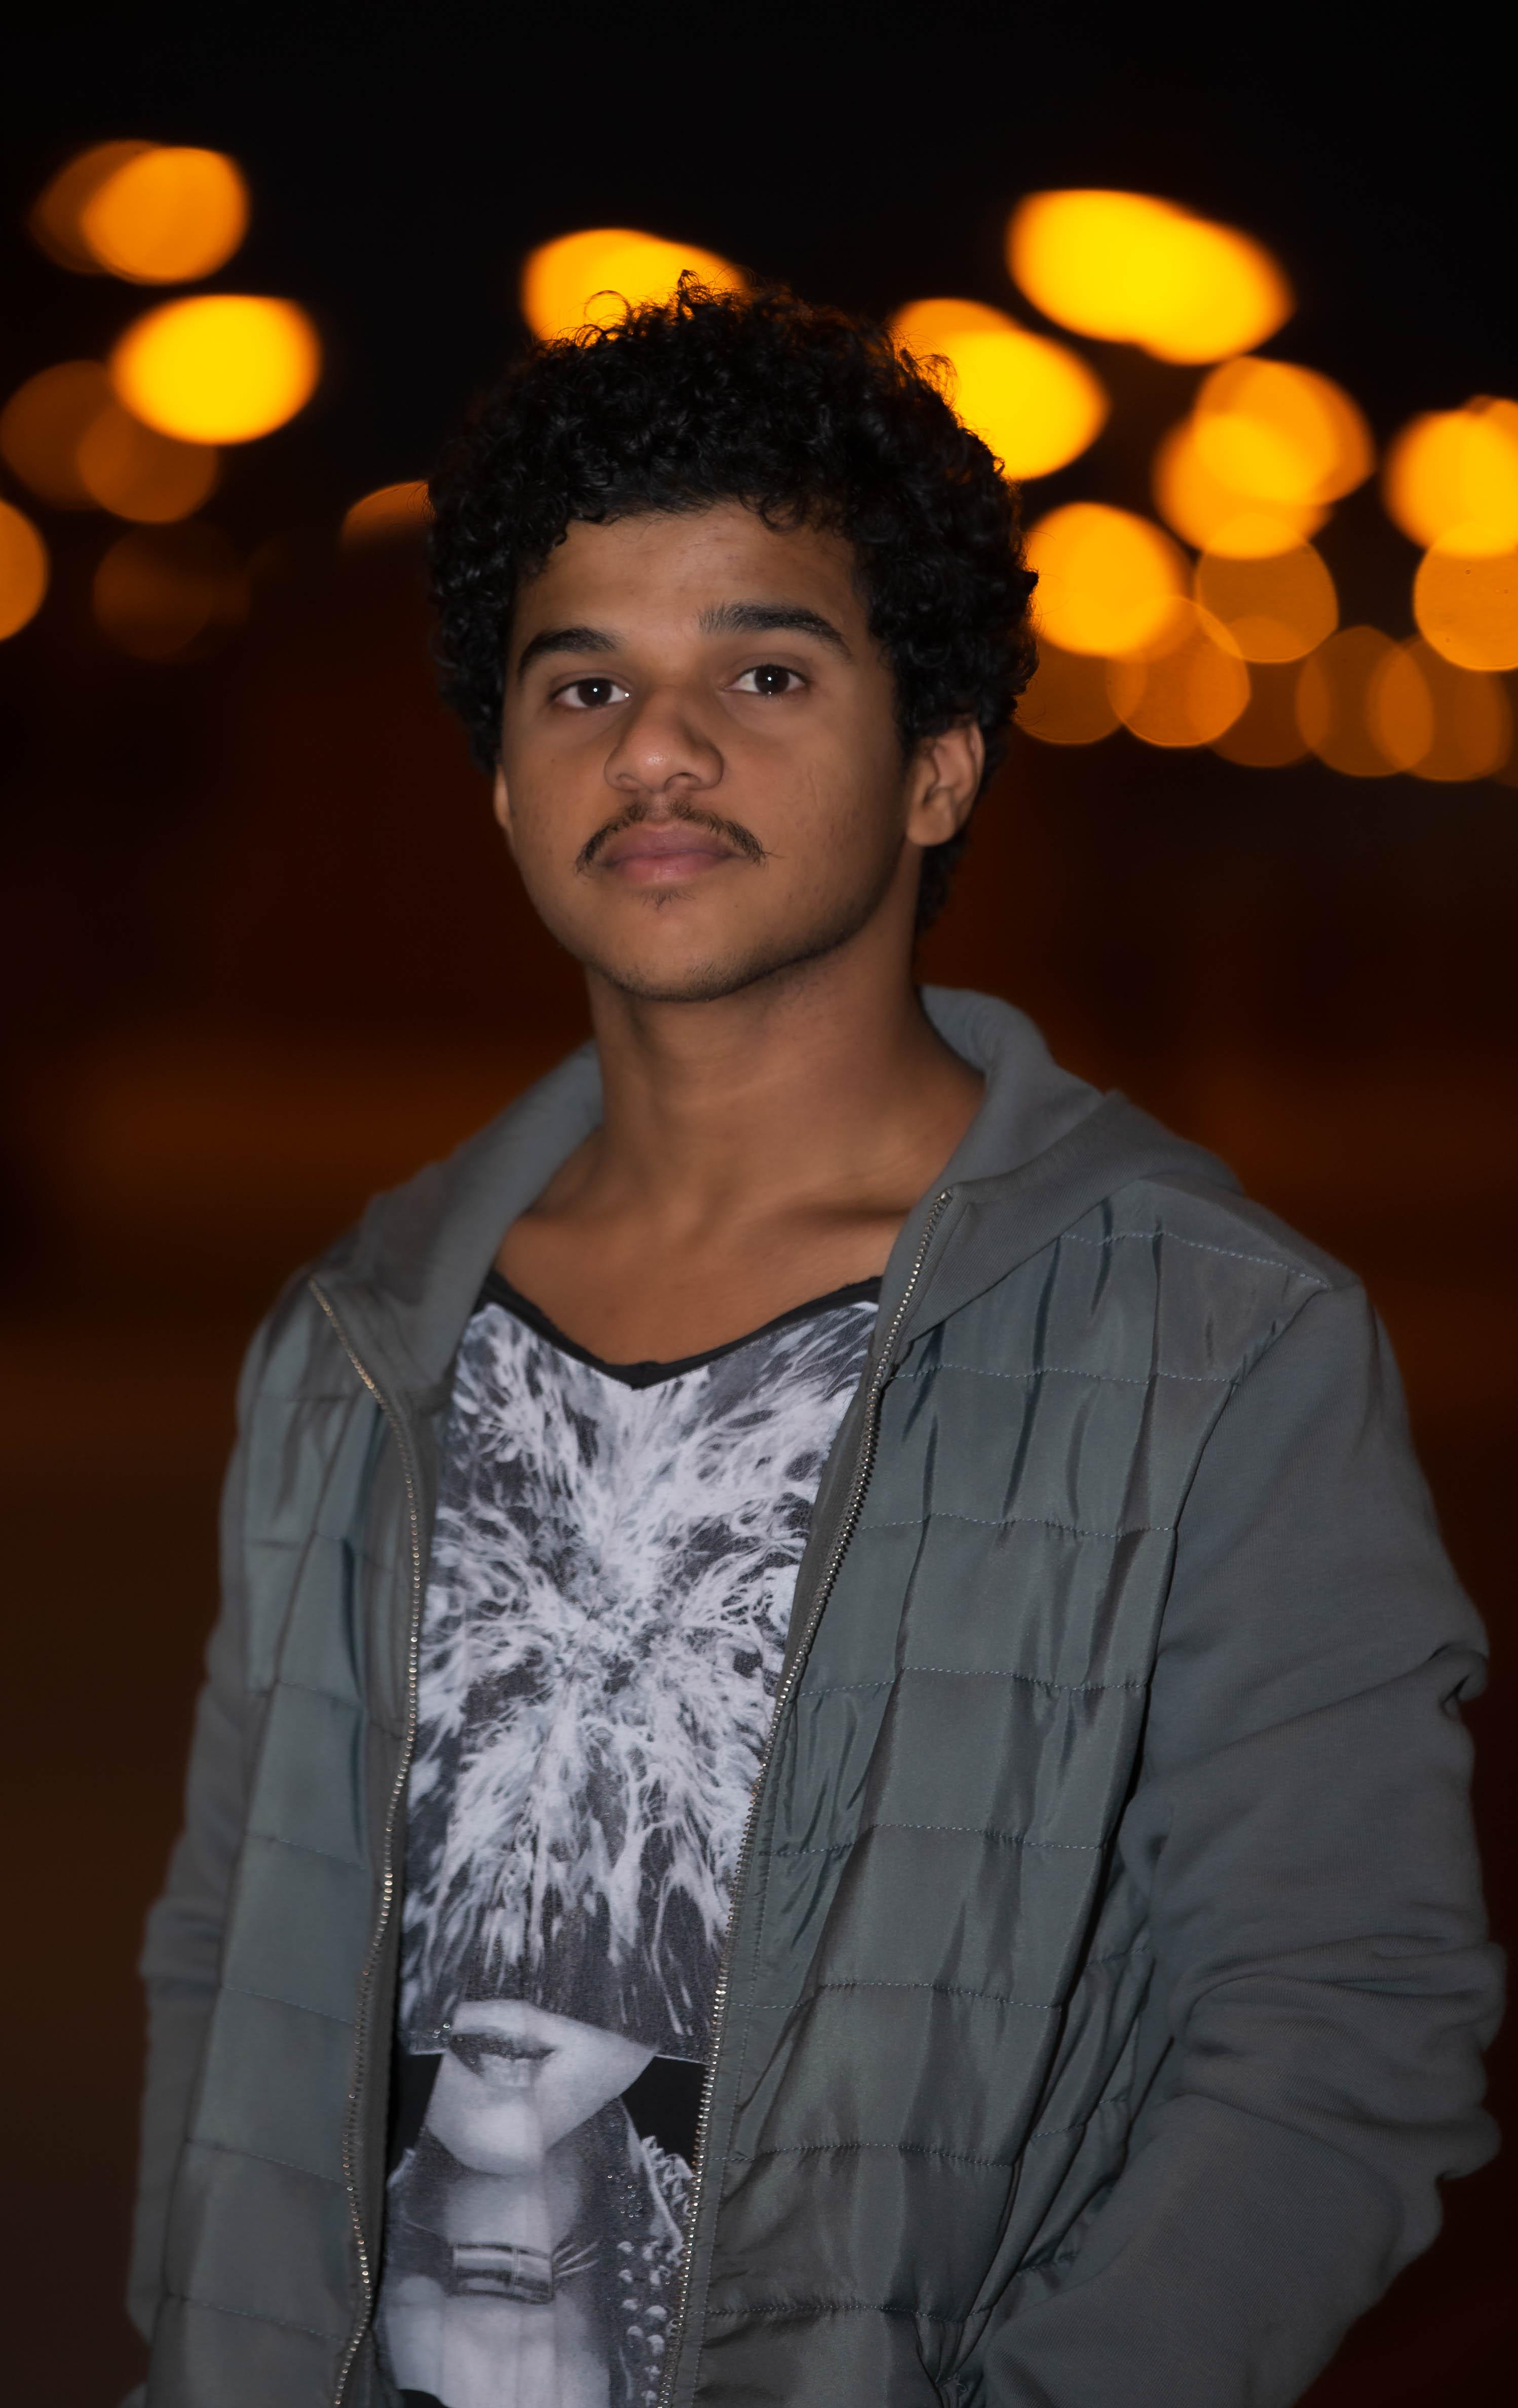 الفنان السعودي سلطان عيسى